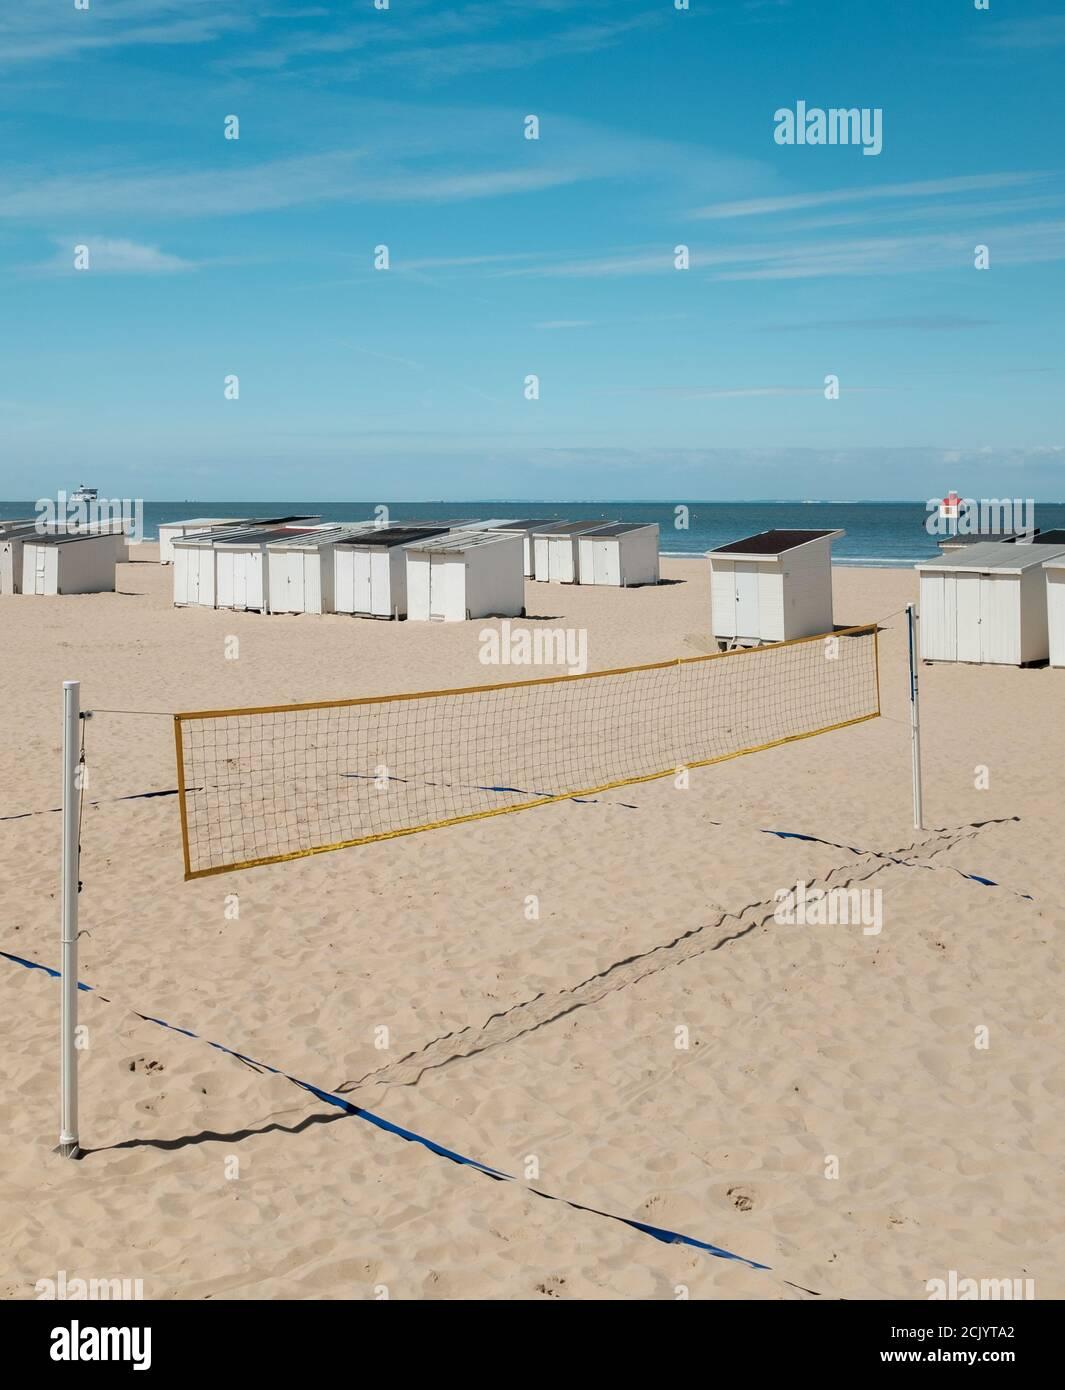 Volleyballplatz an einem leeren Strand in Calais, Frankreich Stockfoto